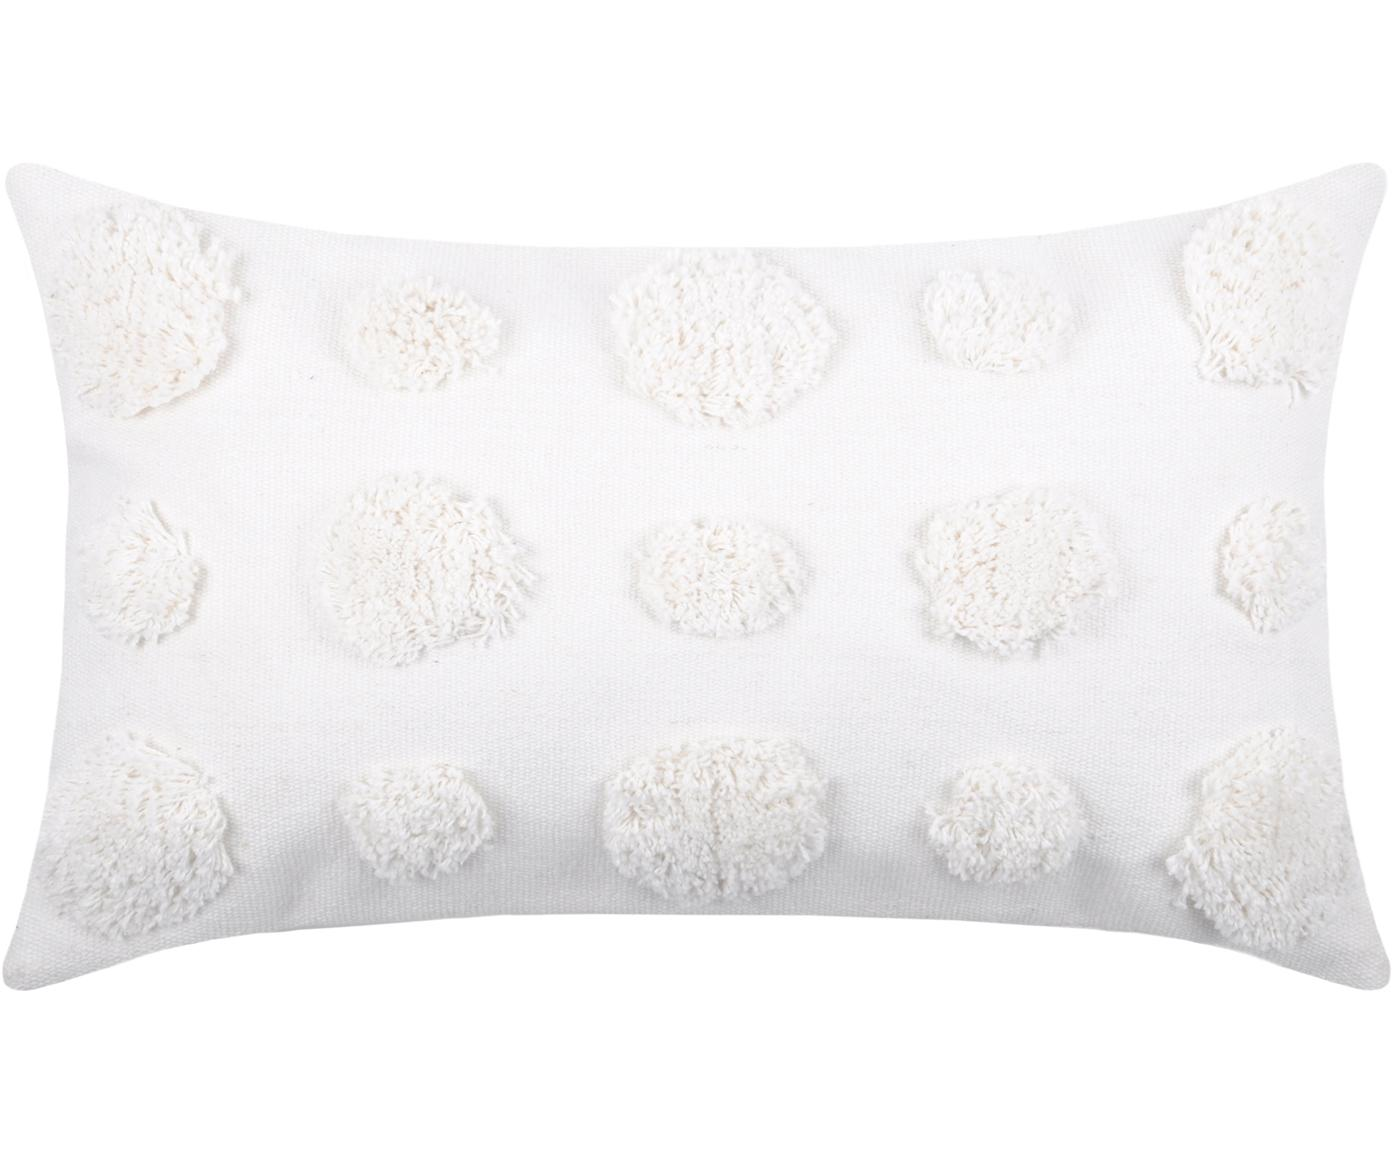 Cuscino con imbottitura e motivo a rilievo Sudda, Cotone, Bianco, Larg. 30 x Lung. 50 cm